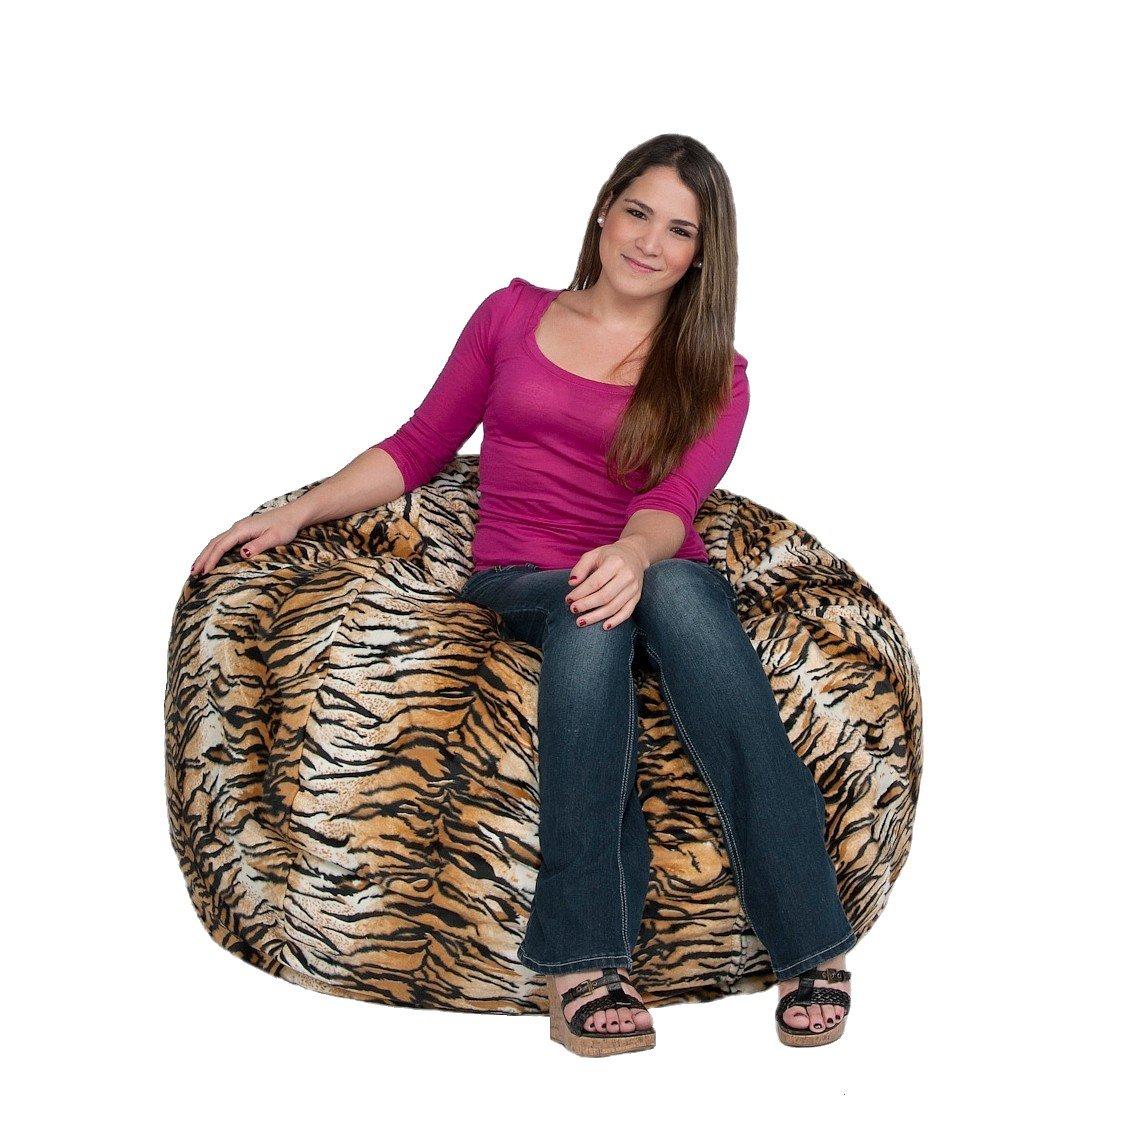 Cozy Sack 3-Feet Bean Bag Chair, Medium, Tiger Print